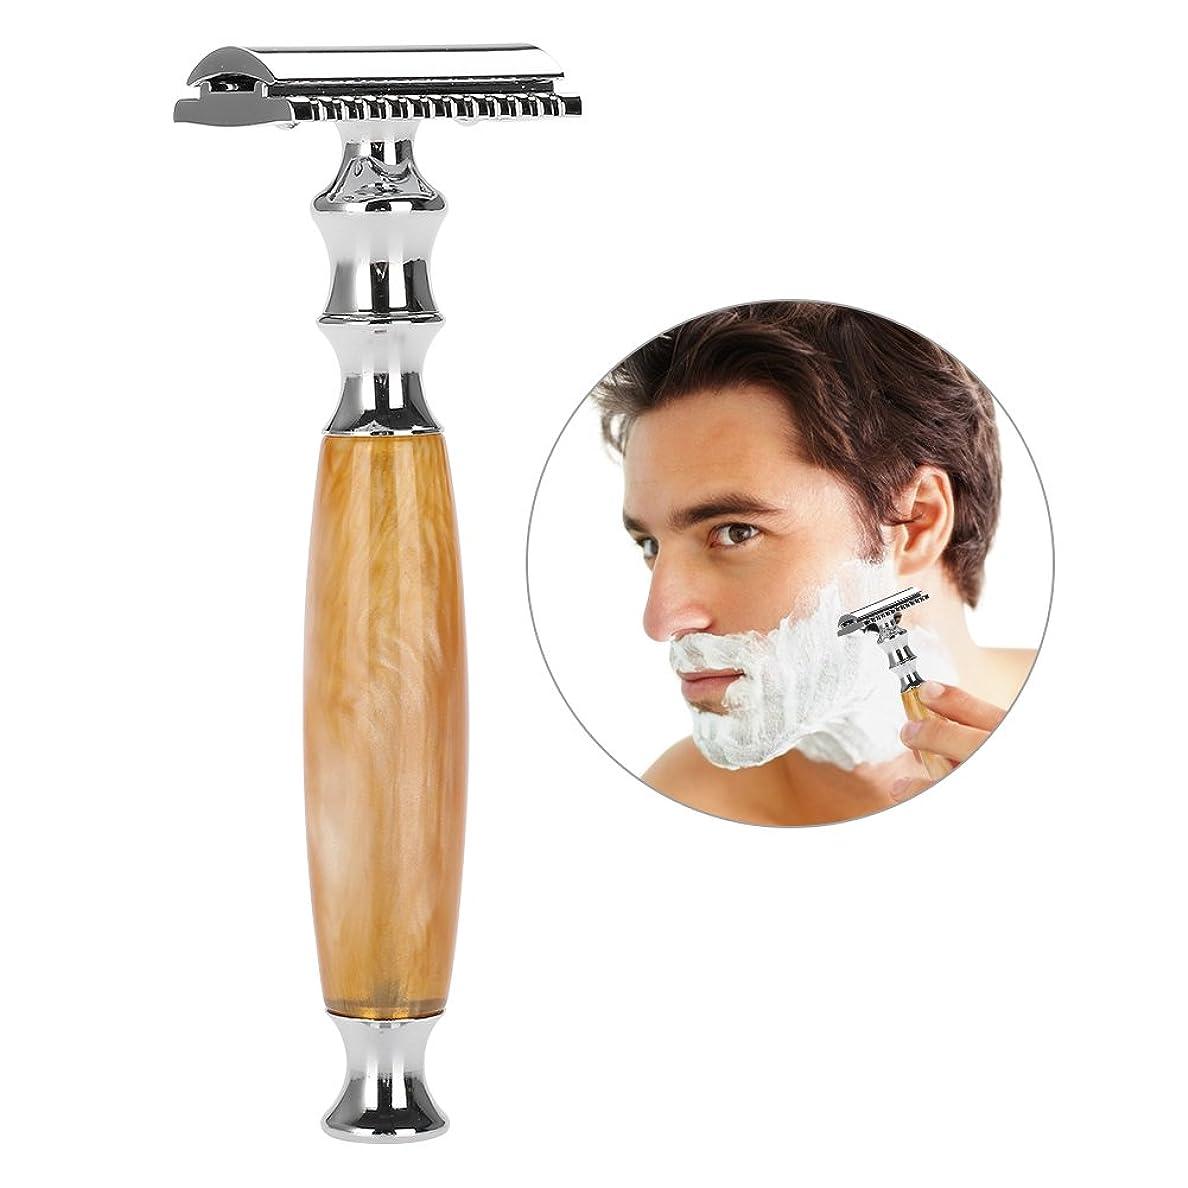 陰気いつバリアメンズシェービング、両面安全剃刀、人間工学に基づいたハンドル、ステンレス製のひげ飾りテンプレート